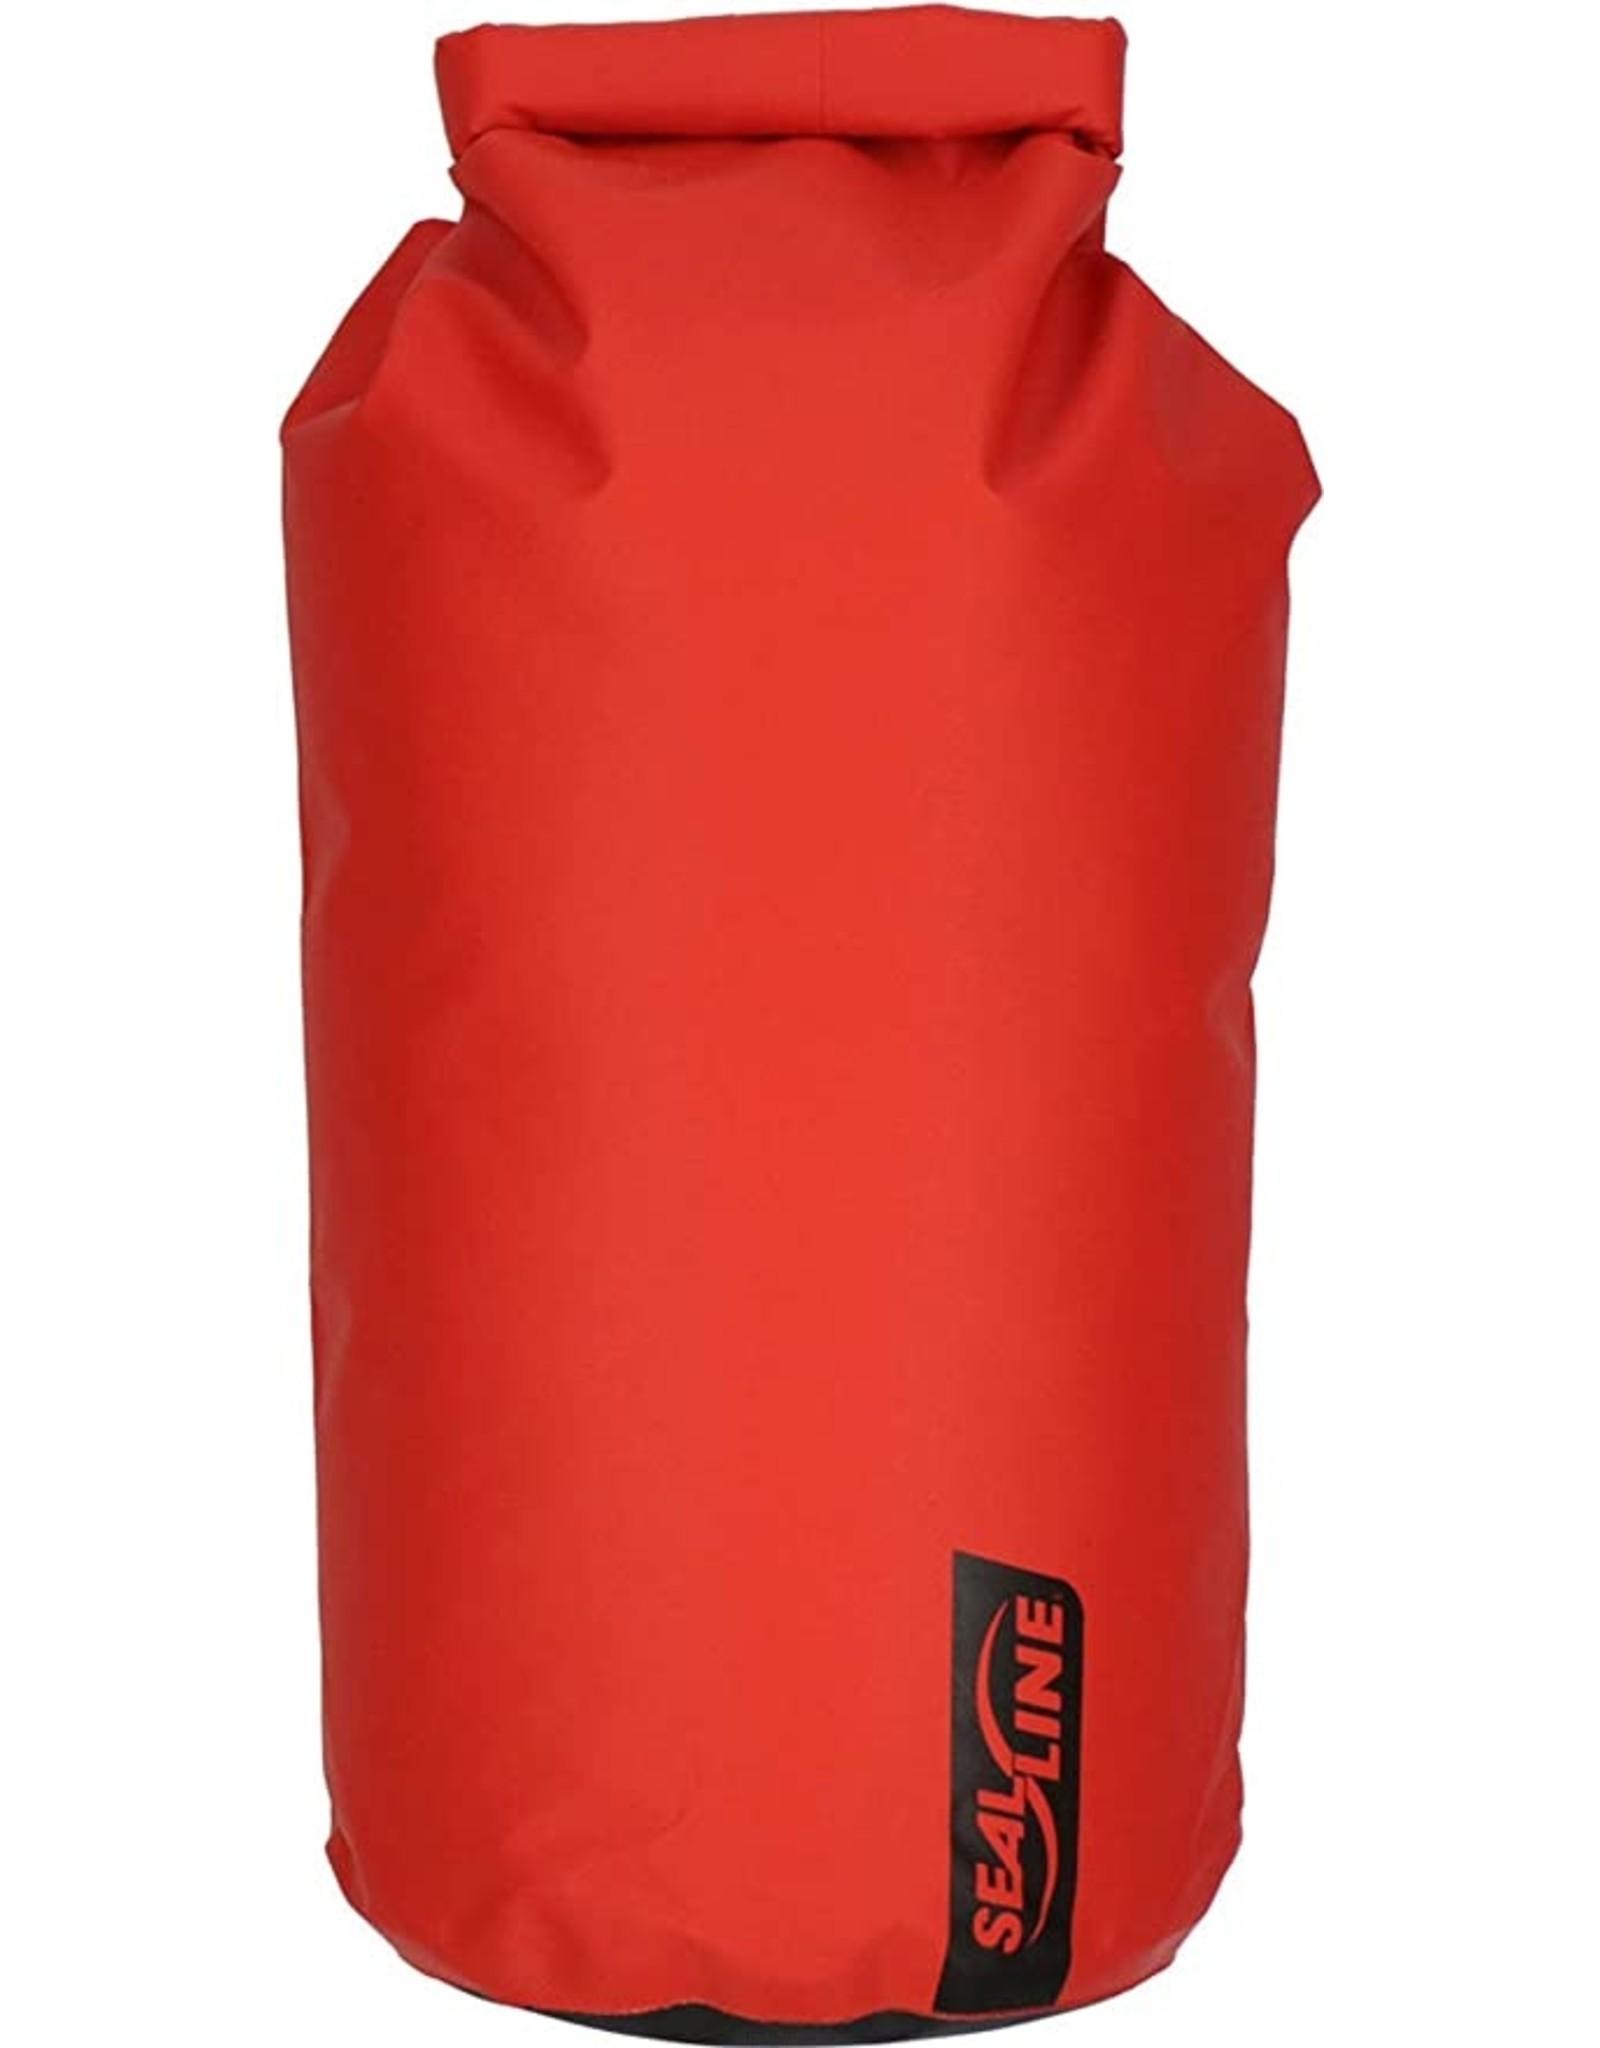 SealLine SealLine 5L Baja Dry Bag Red